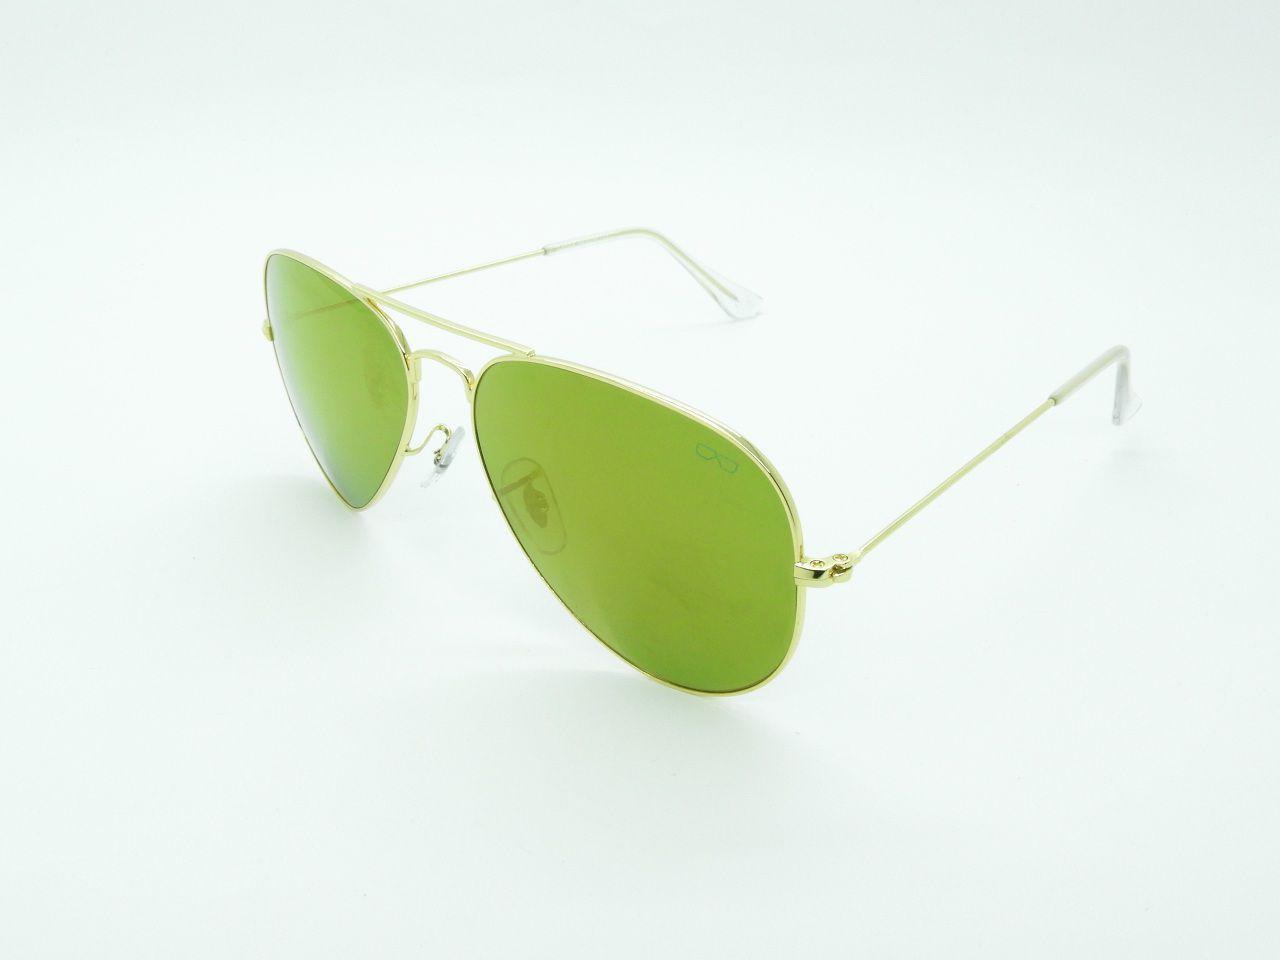 Óculos de Sol Unissex  3025 c15 Dourado 58